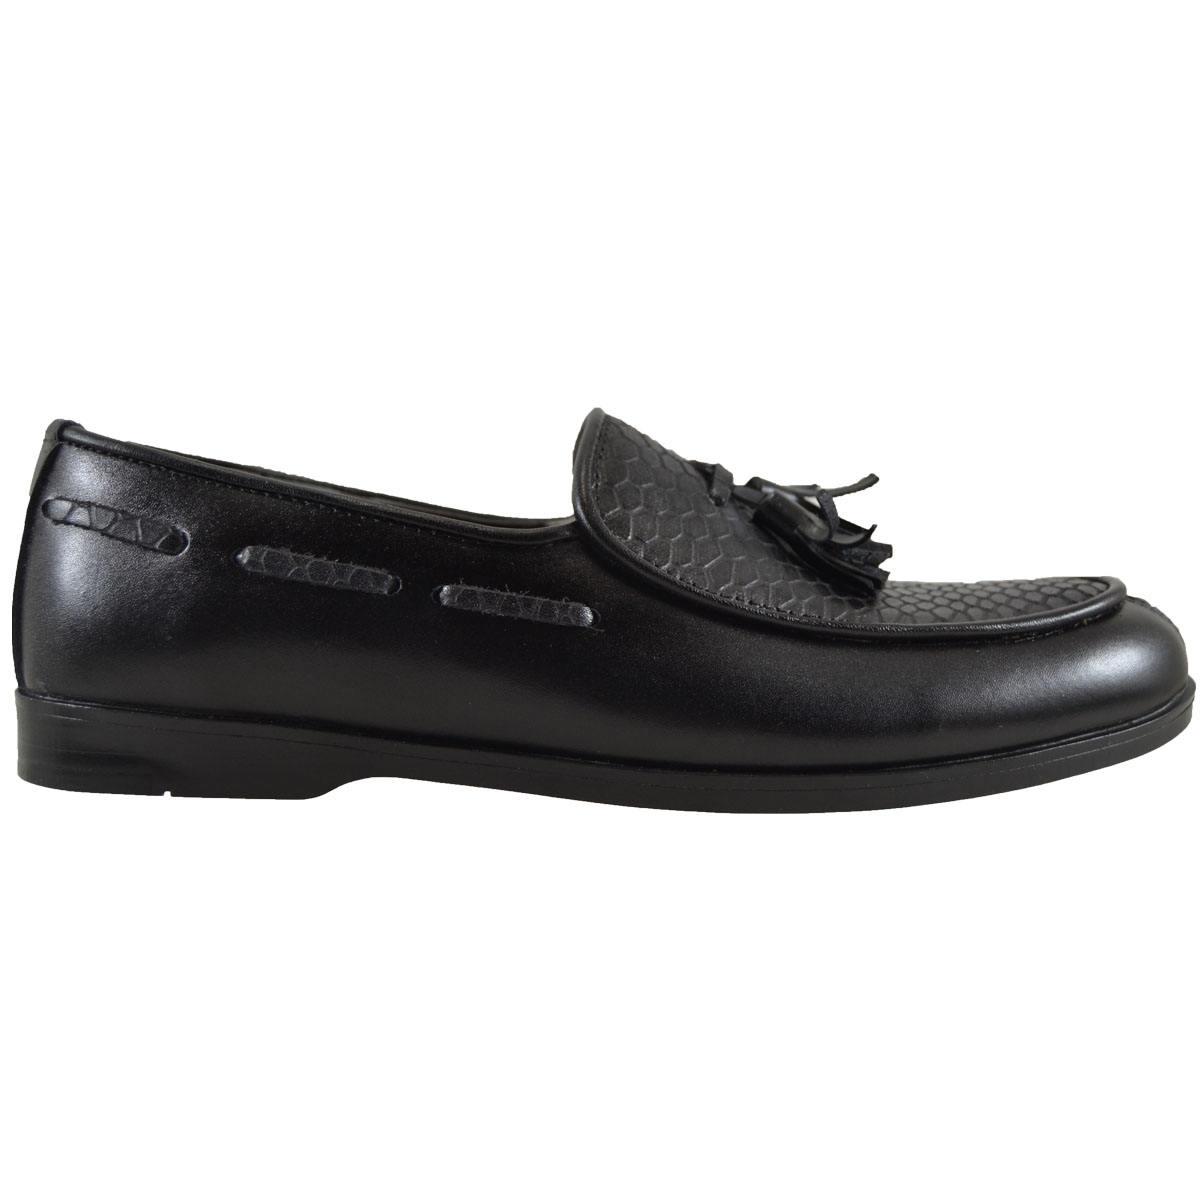 کفش روزمره مردانه کد 266 -  - 7